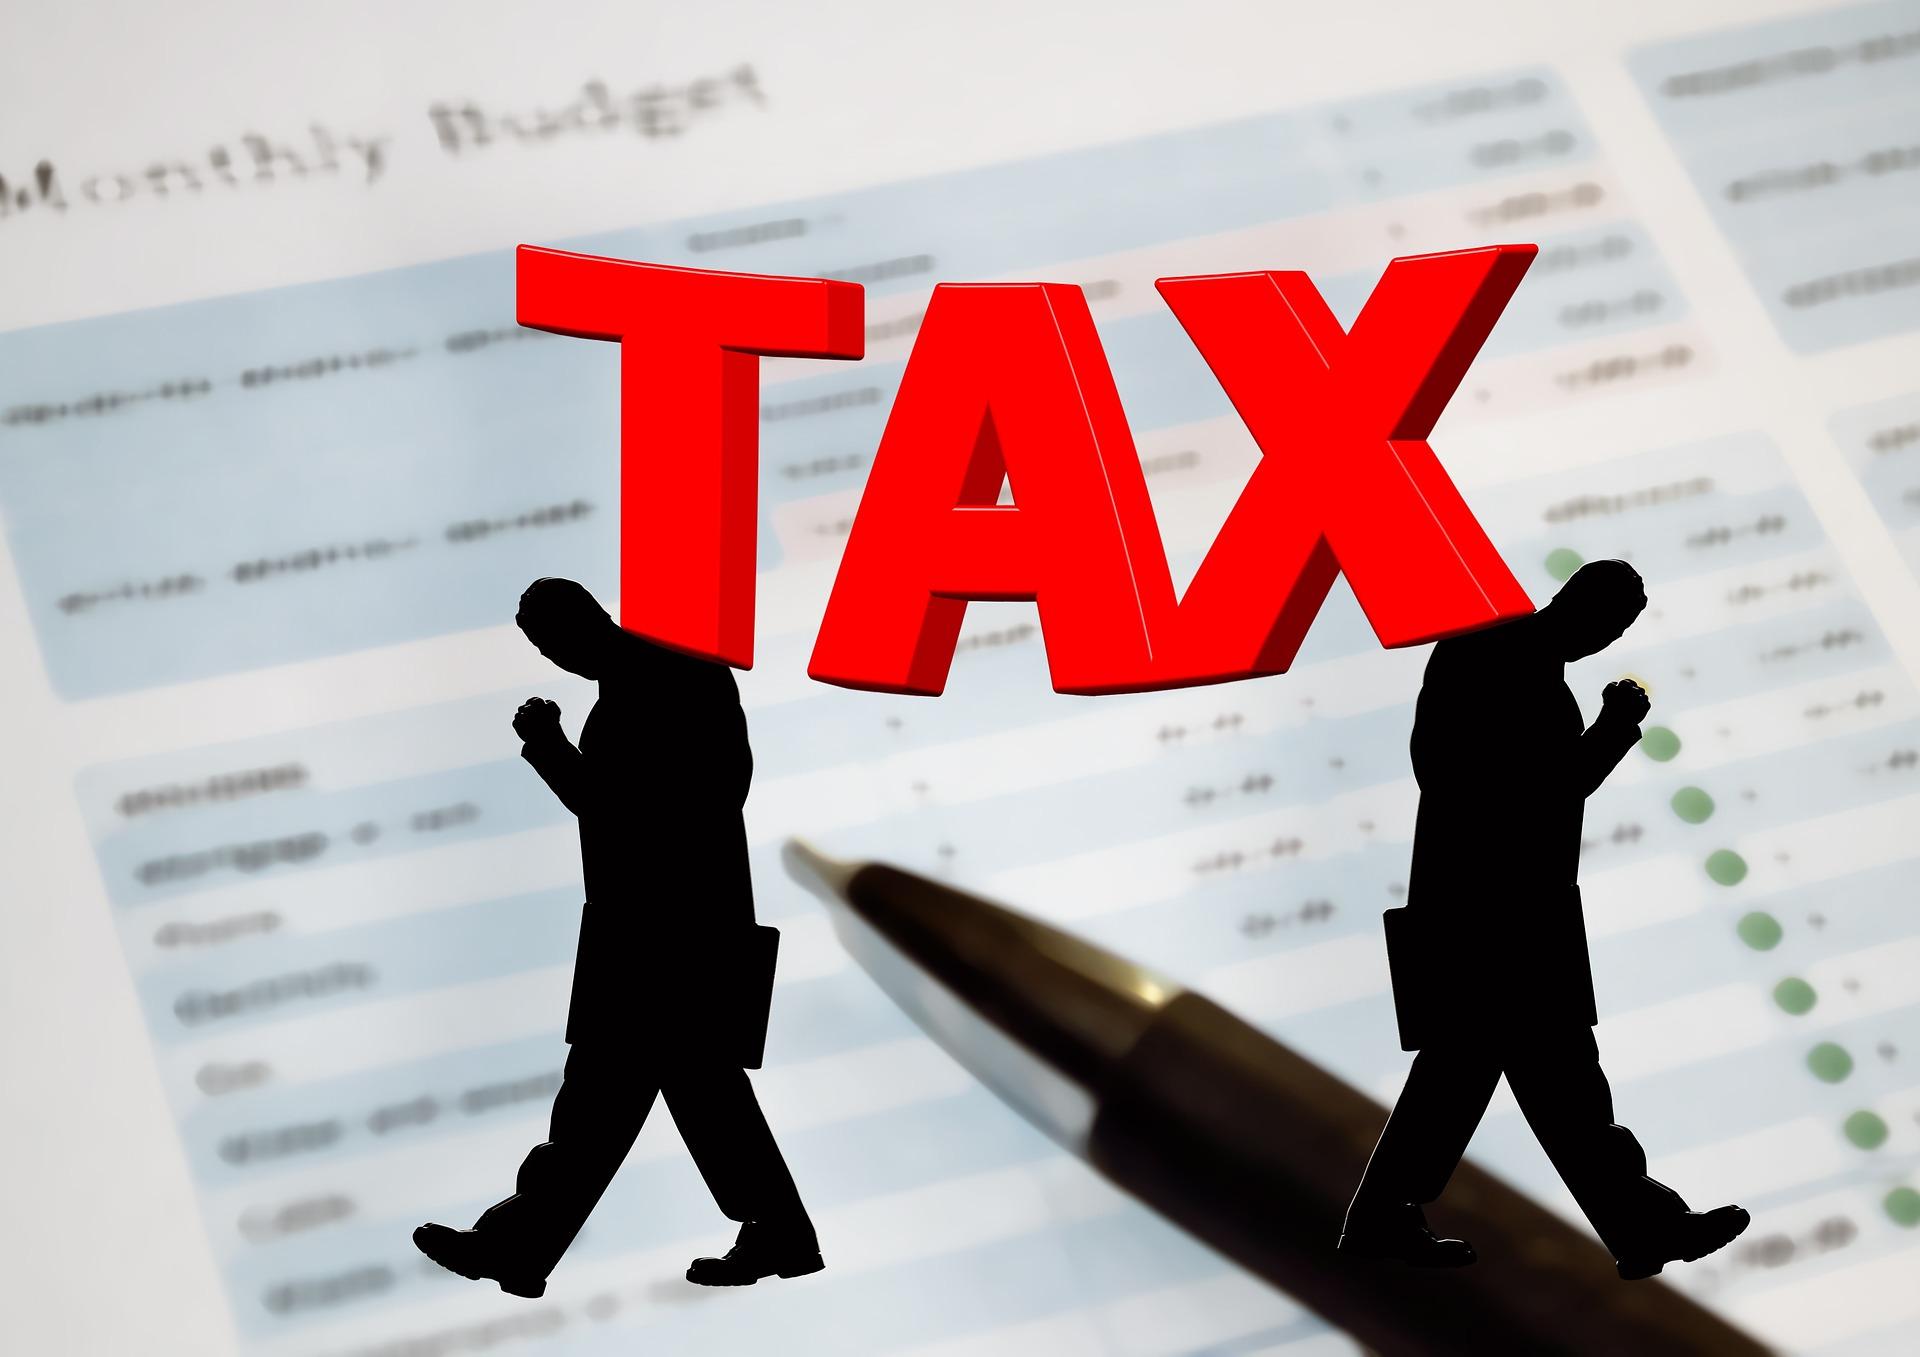 納税 の 旨 なくなっ 者 届出 税 書き方 で 消費 書 た の 義務